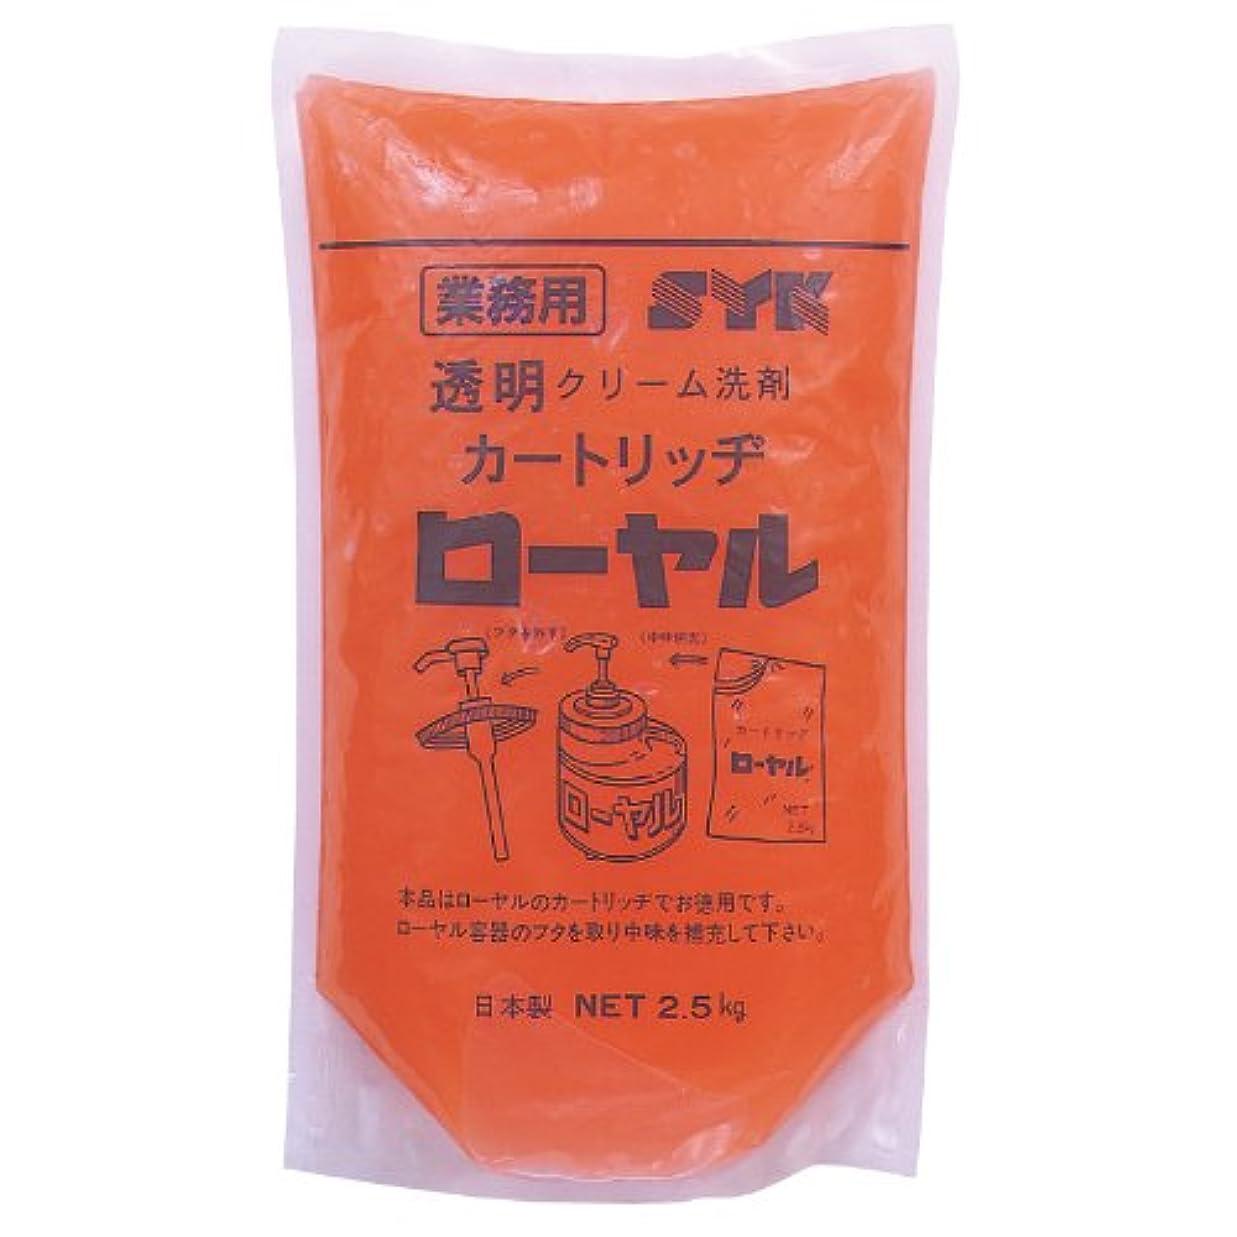 鈴木油脂 水無しでも使える業務用ハンドソープ ローヤル 2.5kg×6個